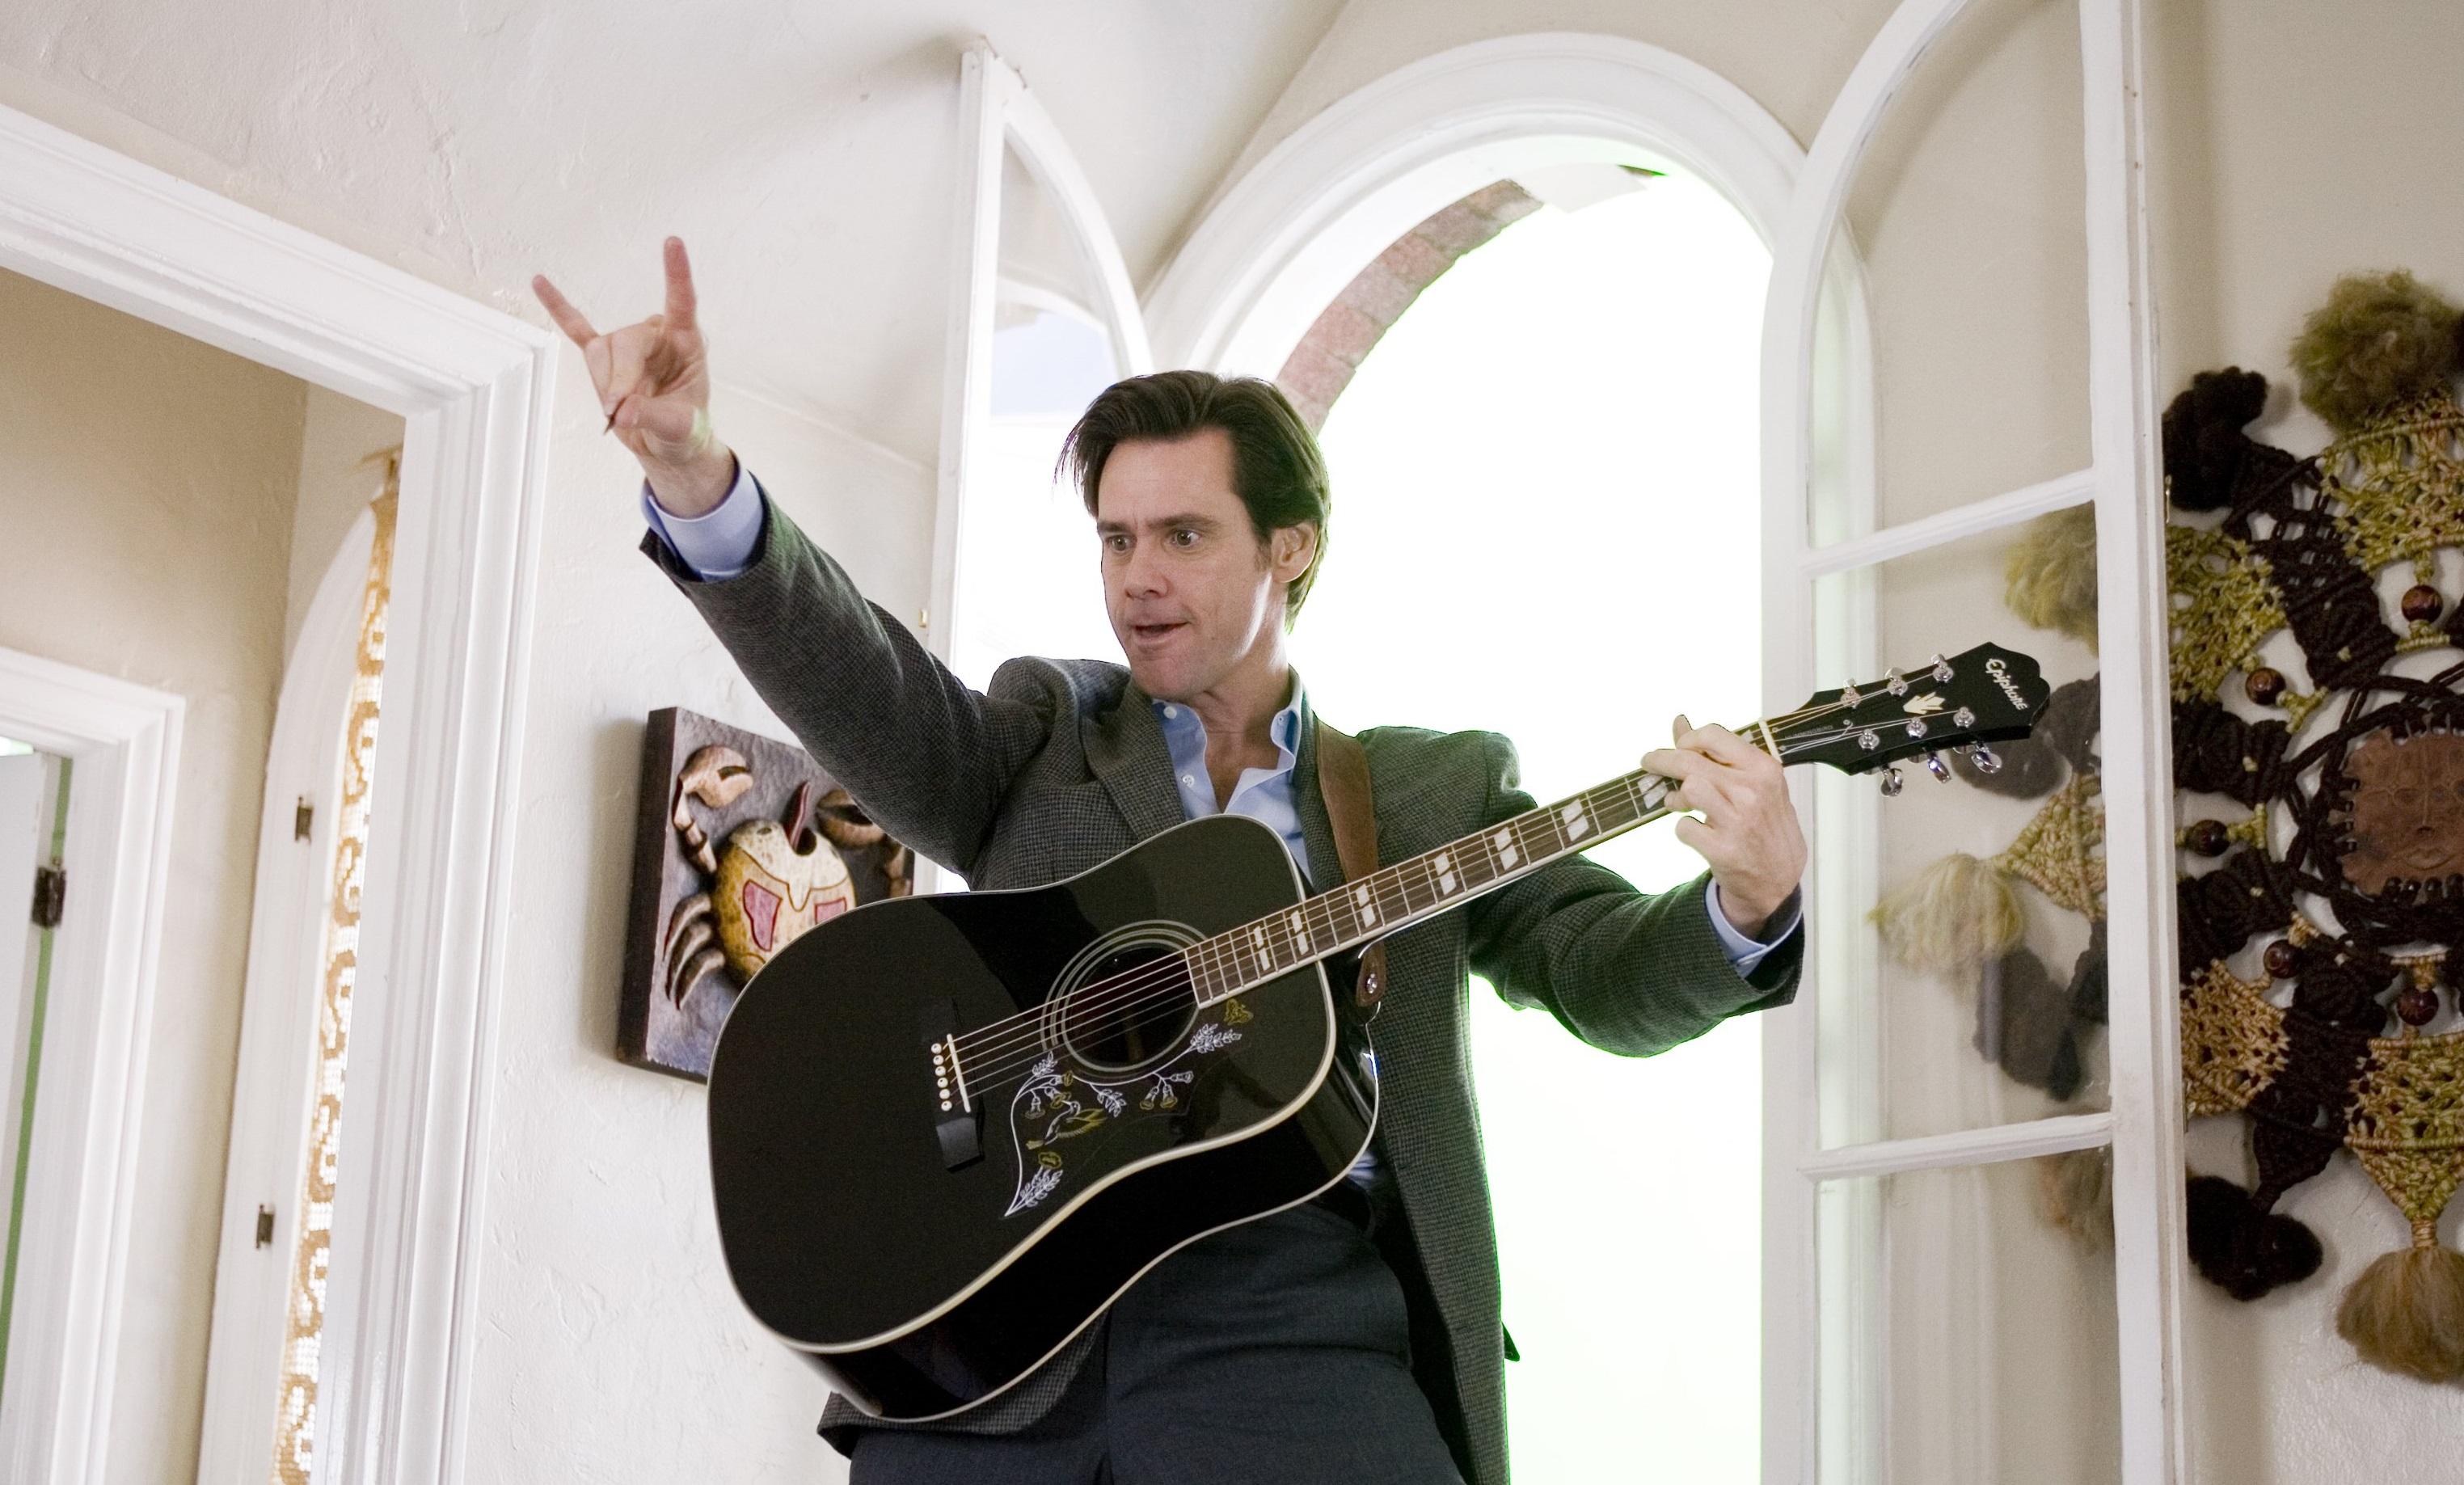 Photo of Ликбез по музыкальным рок-трендам Ликбез по музыкальным рок-трендам Ликбез по музыкальным рок-трендам f88169e536b8